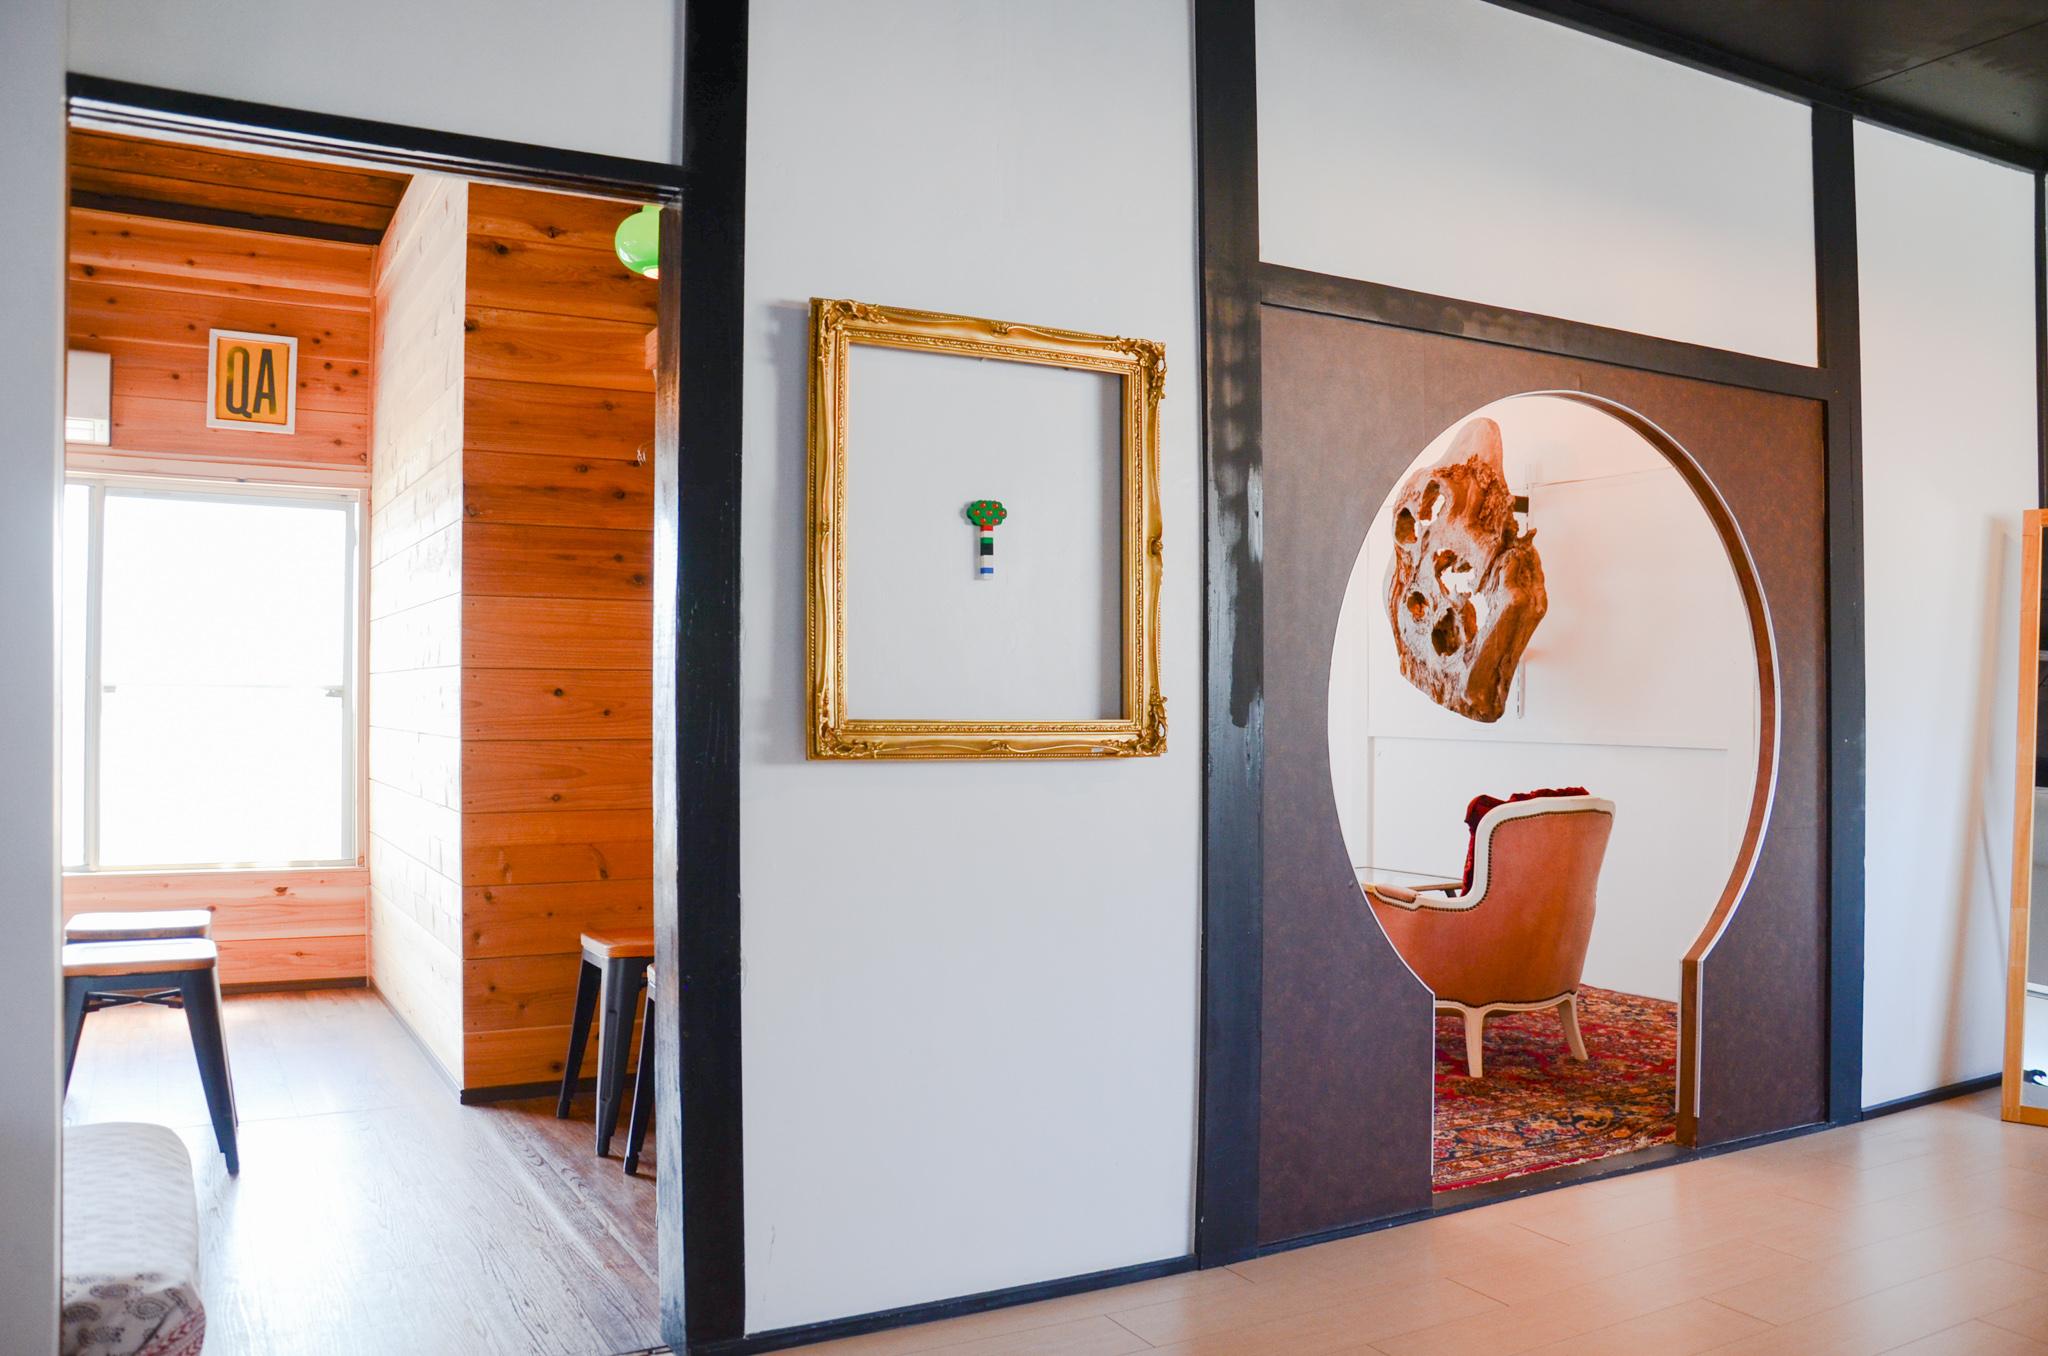 全室貸切となります。 (コテージルーム+キーホールルーム+キッチン+トイレ) - チルチルミチル WHOLE ROOMの室内の写真